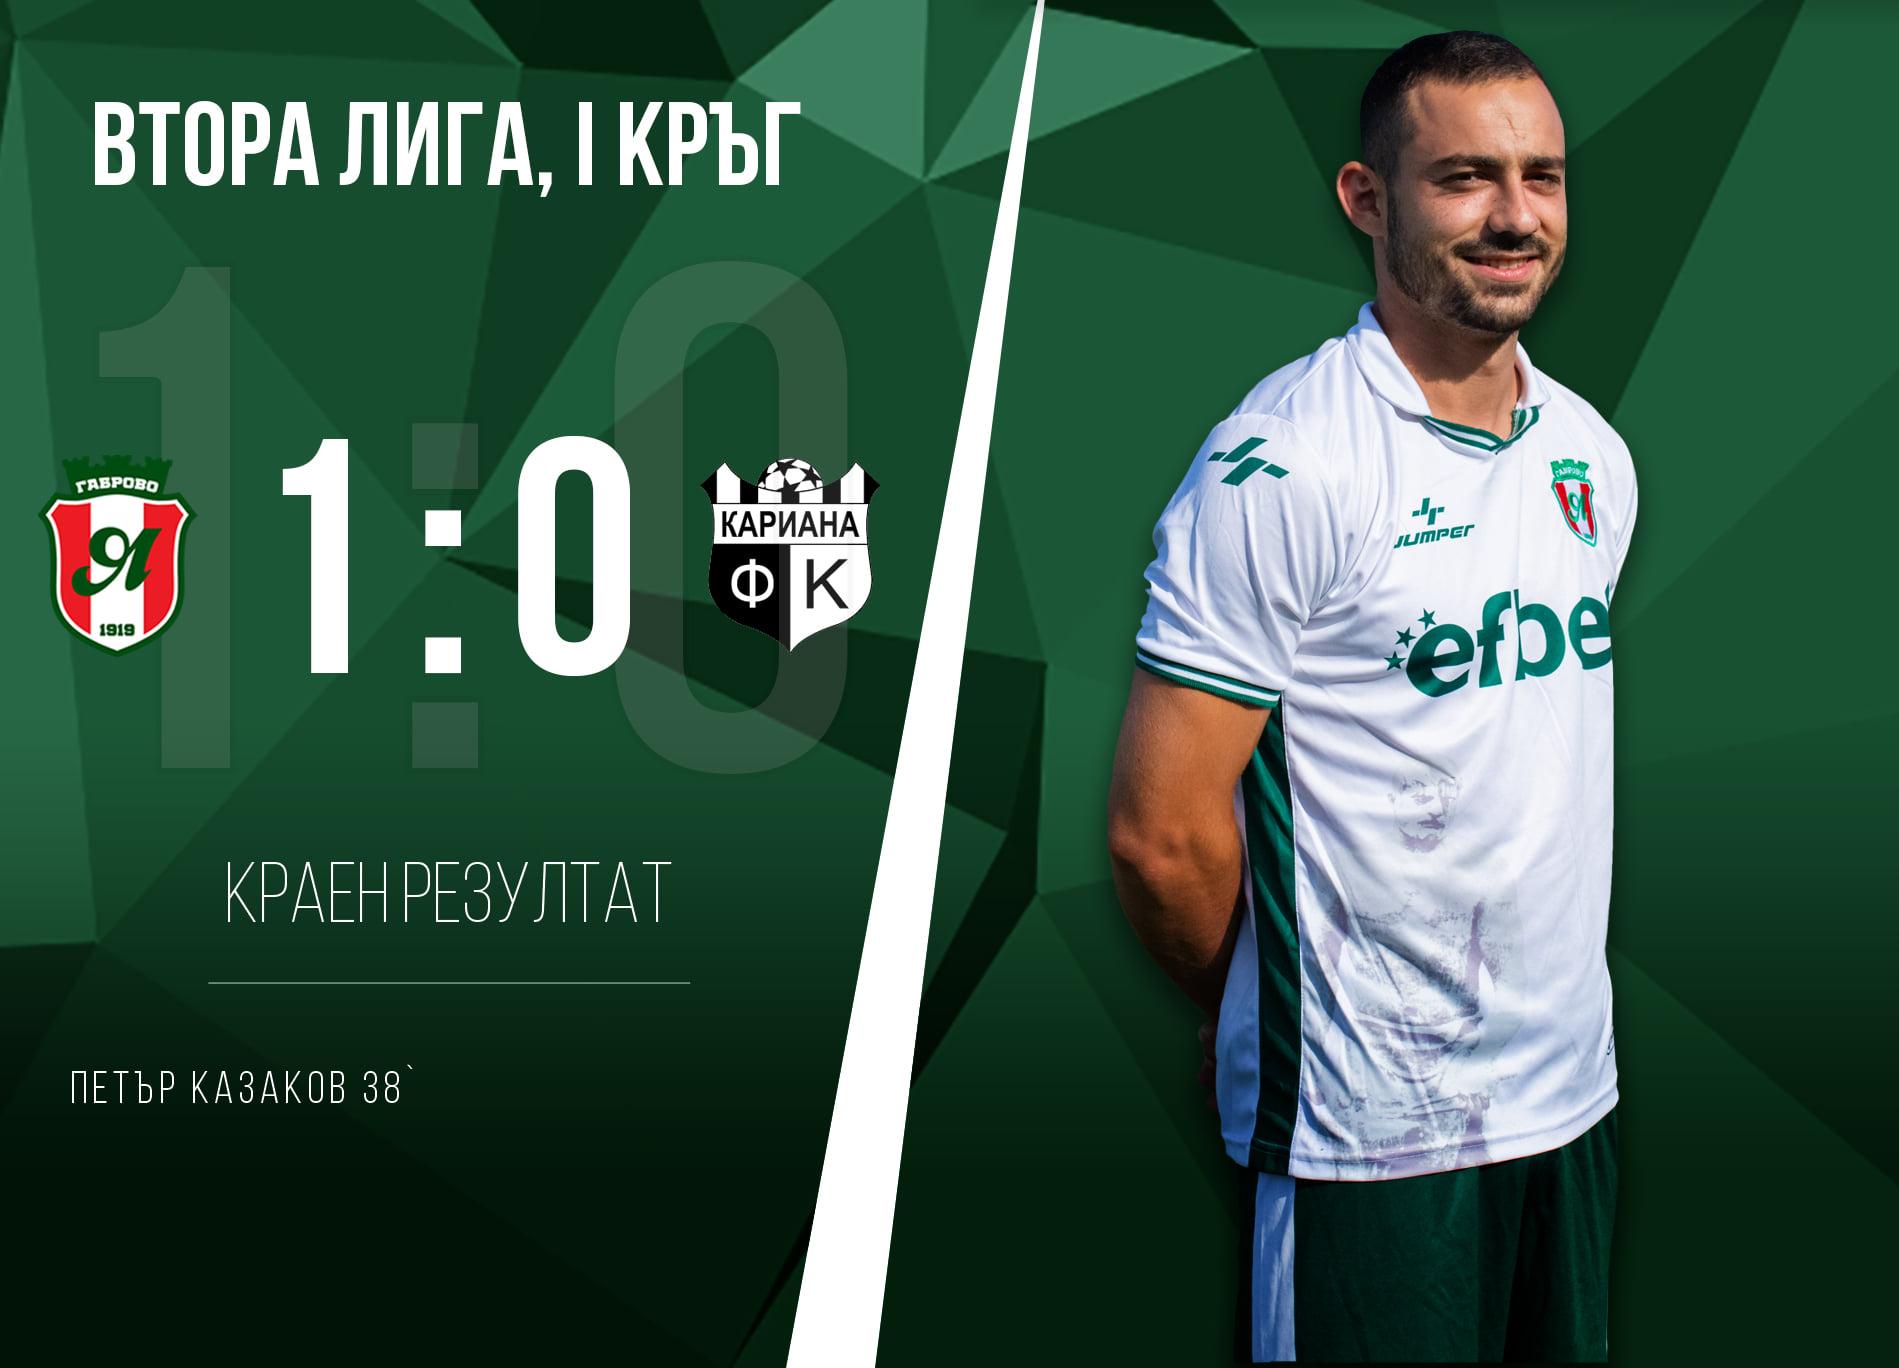 Фурор в Габрово - Янтра се върна с победа 1